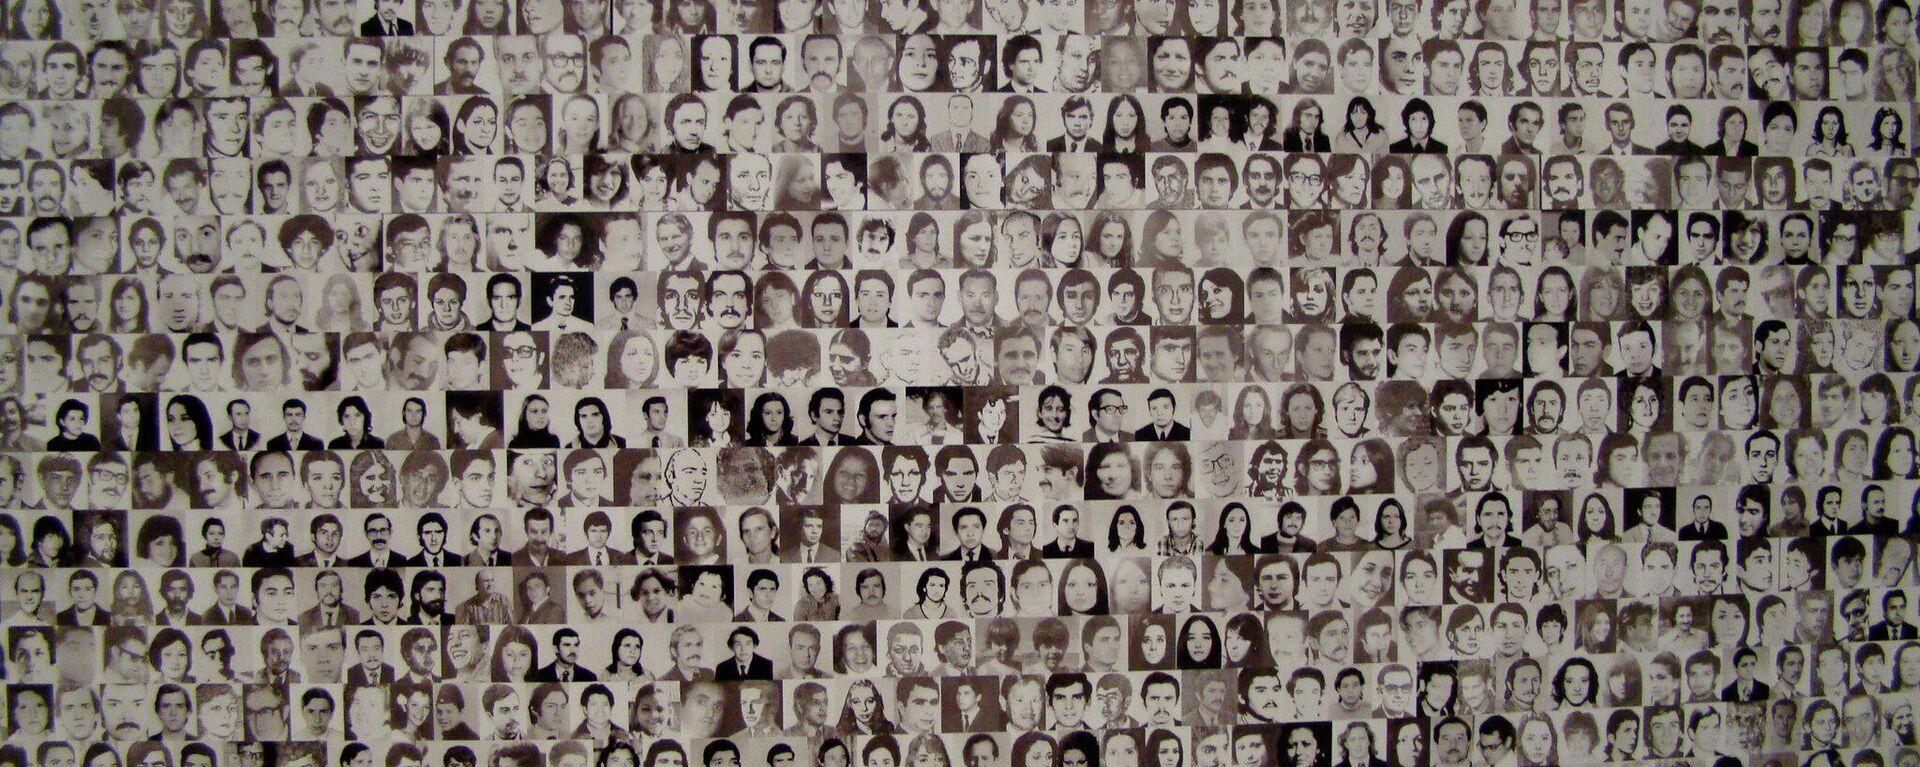 Desaparecidos de la Dictadura Militar Argentina - Sputnik Mundo, 1920, 23.03.2021